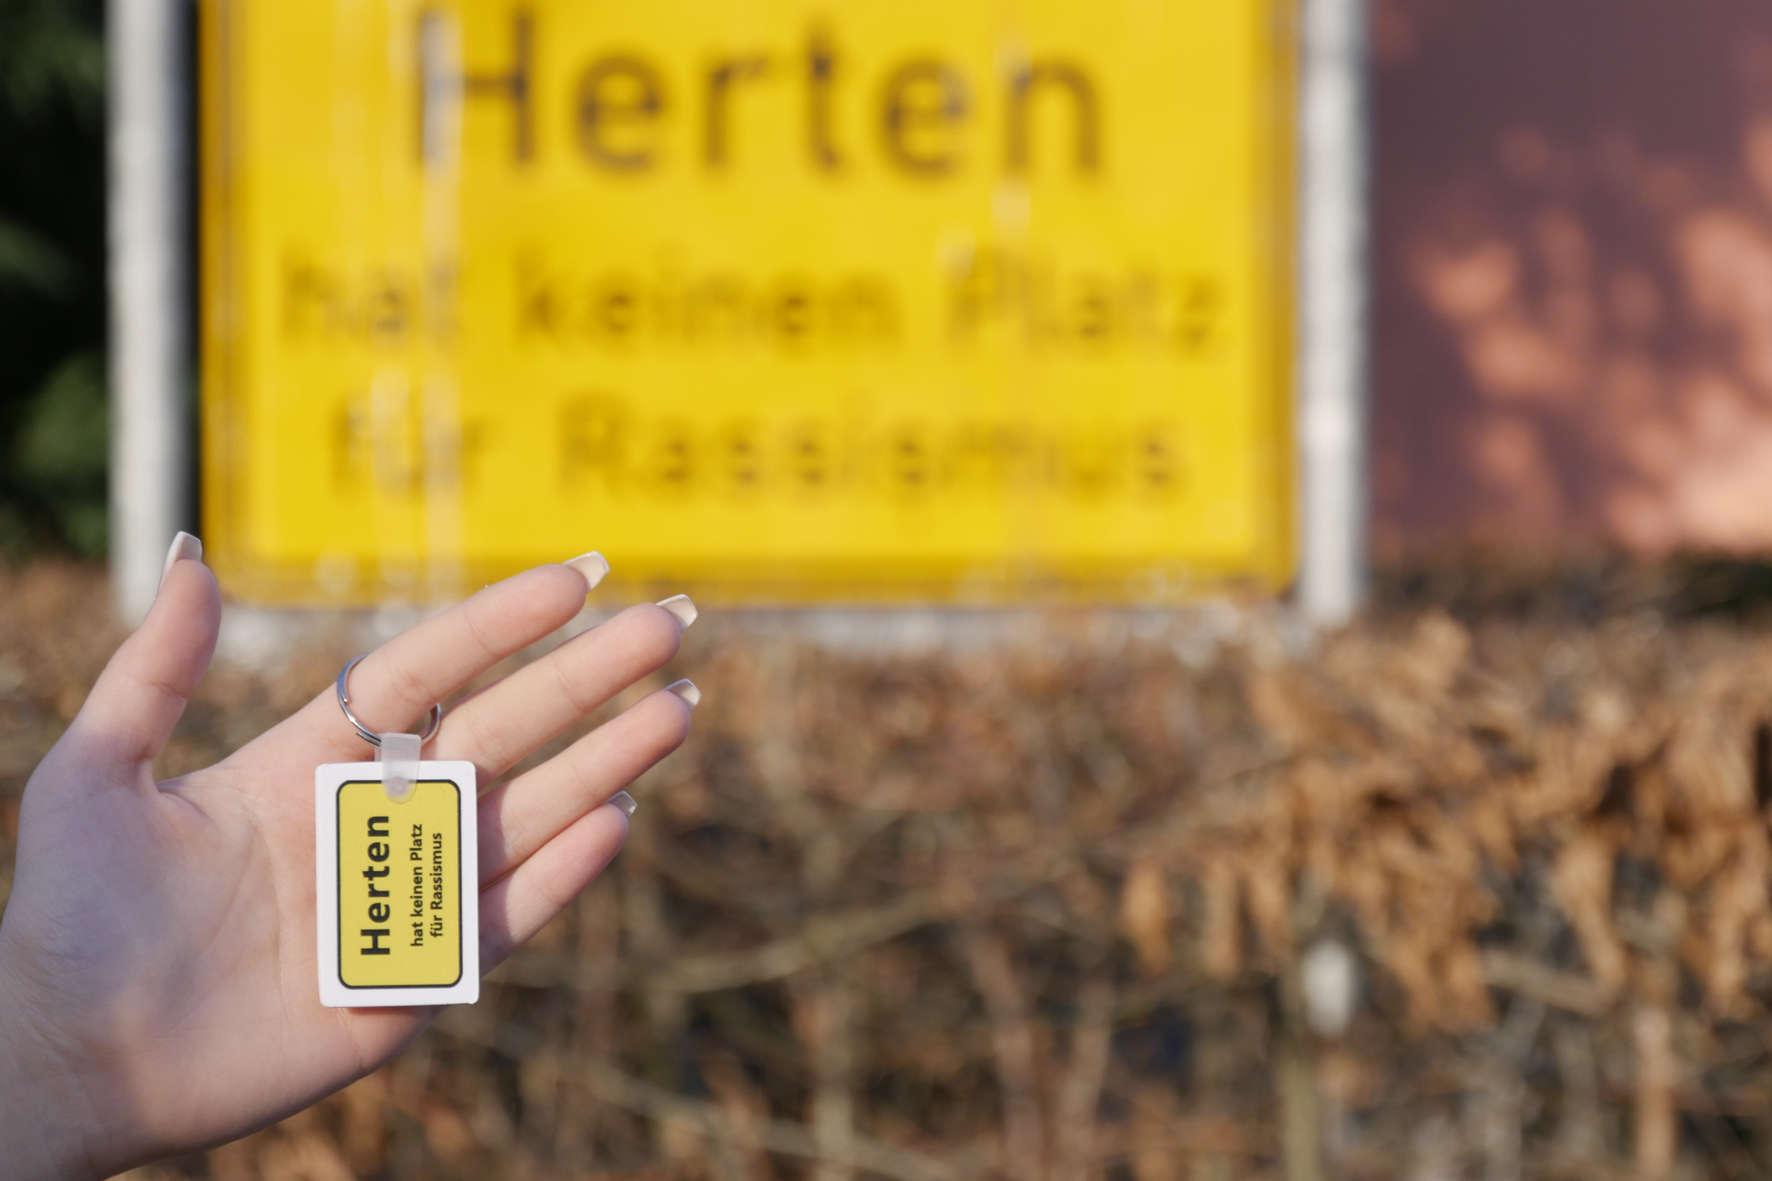 """Auffällig gelb und mit einer wichtigen Botschaft: """"Herten hat keinen Platz für Rassismus"""". So sehen die neuen Schlüsselanhänger der Stadt Herten aus. (Foto: Stadt Herten)"""